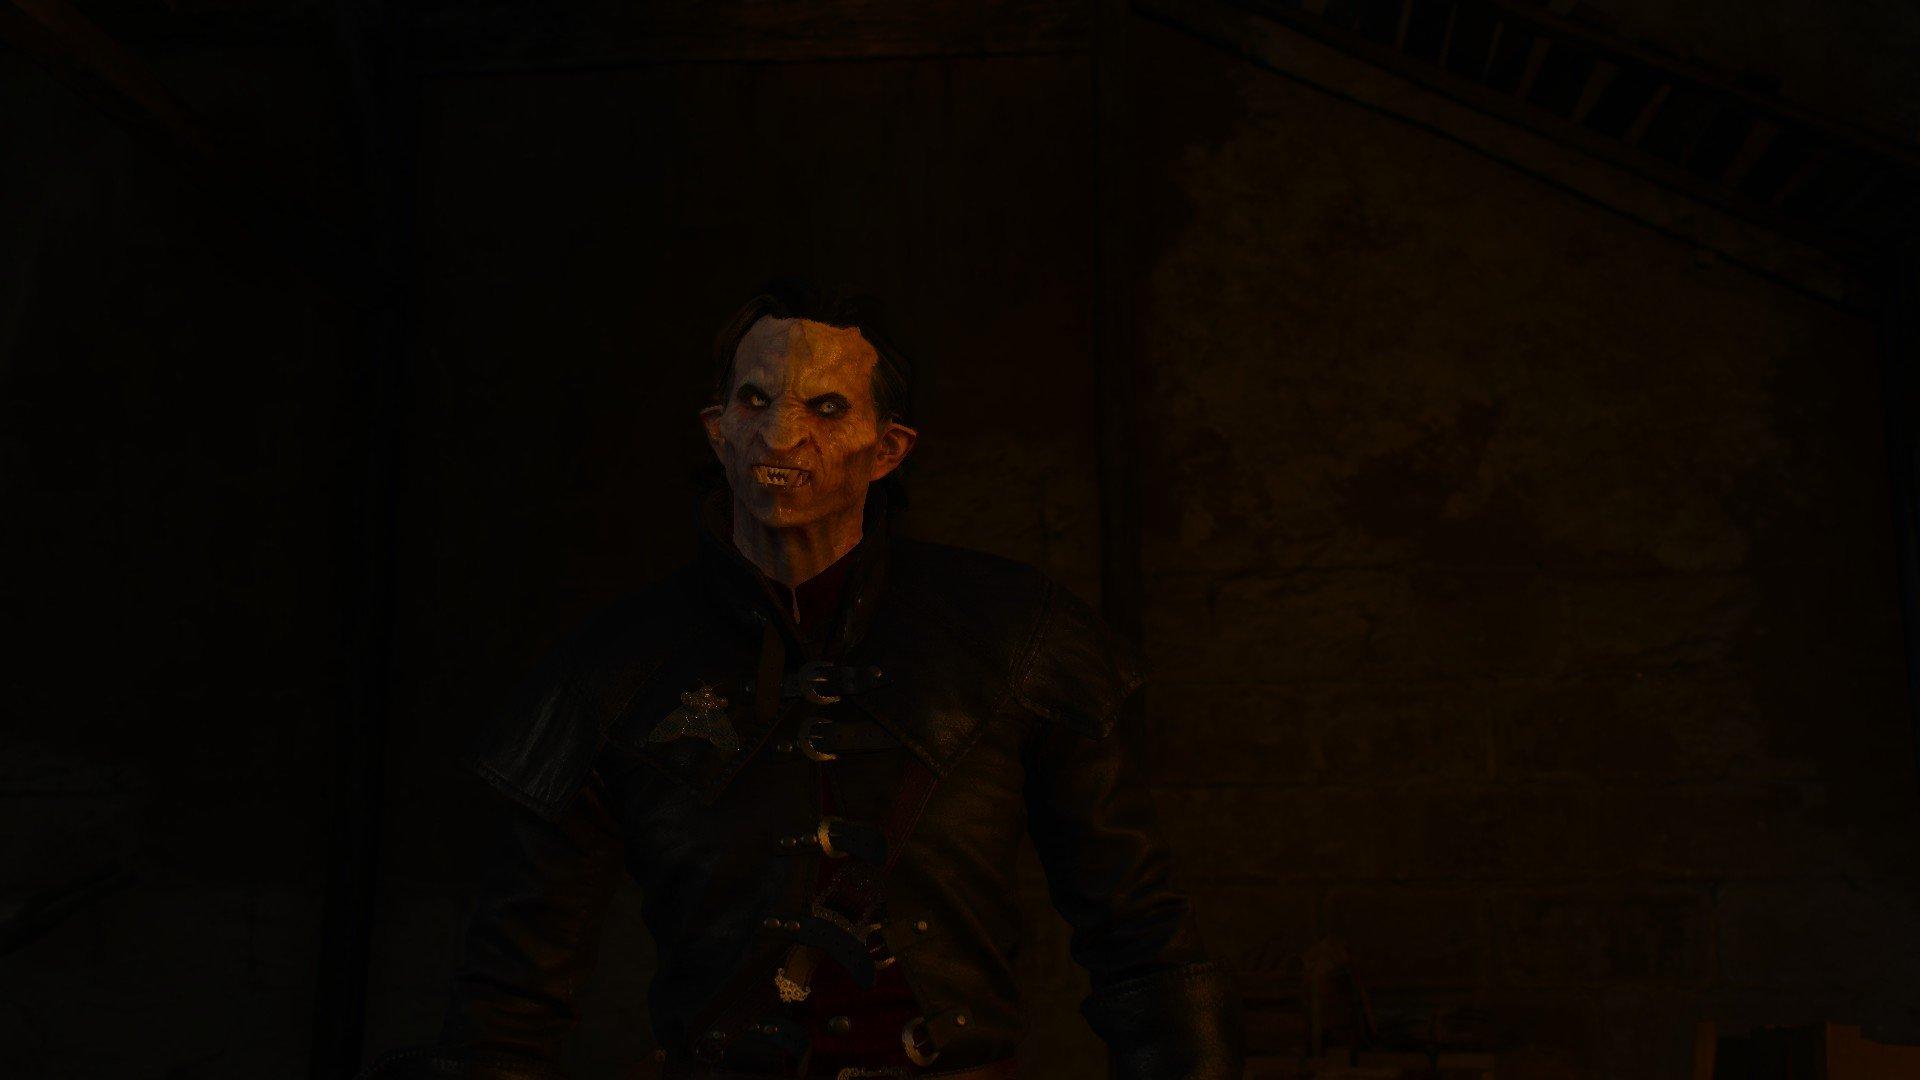 Вопль-прохождение Witcher 3: Кровь и Вино ... НАЧАЛО [ВНИМАНИЕ, ВОЗМОЖНЫ СПОЙЛЕРЫ]. - Изображение 21